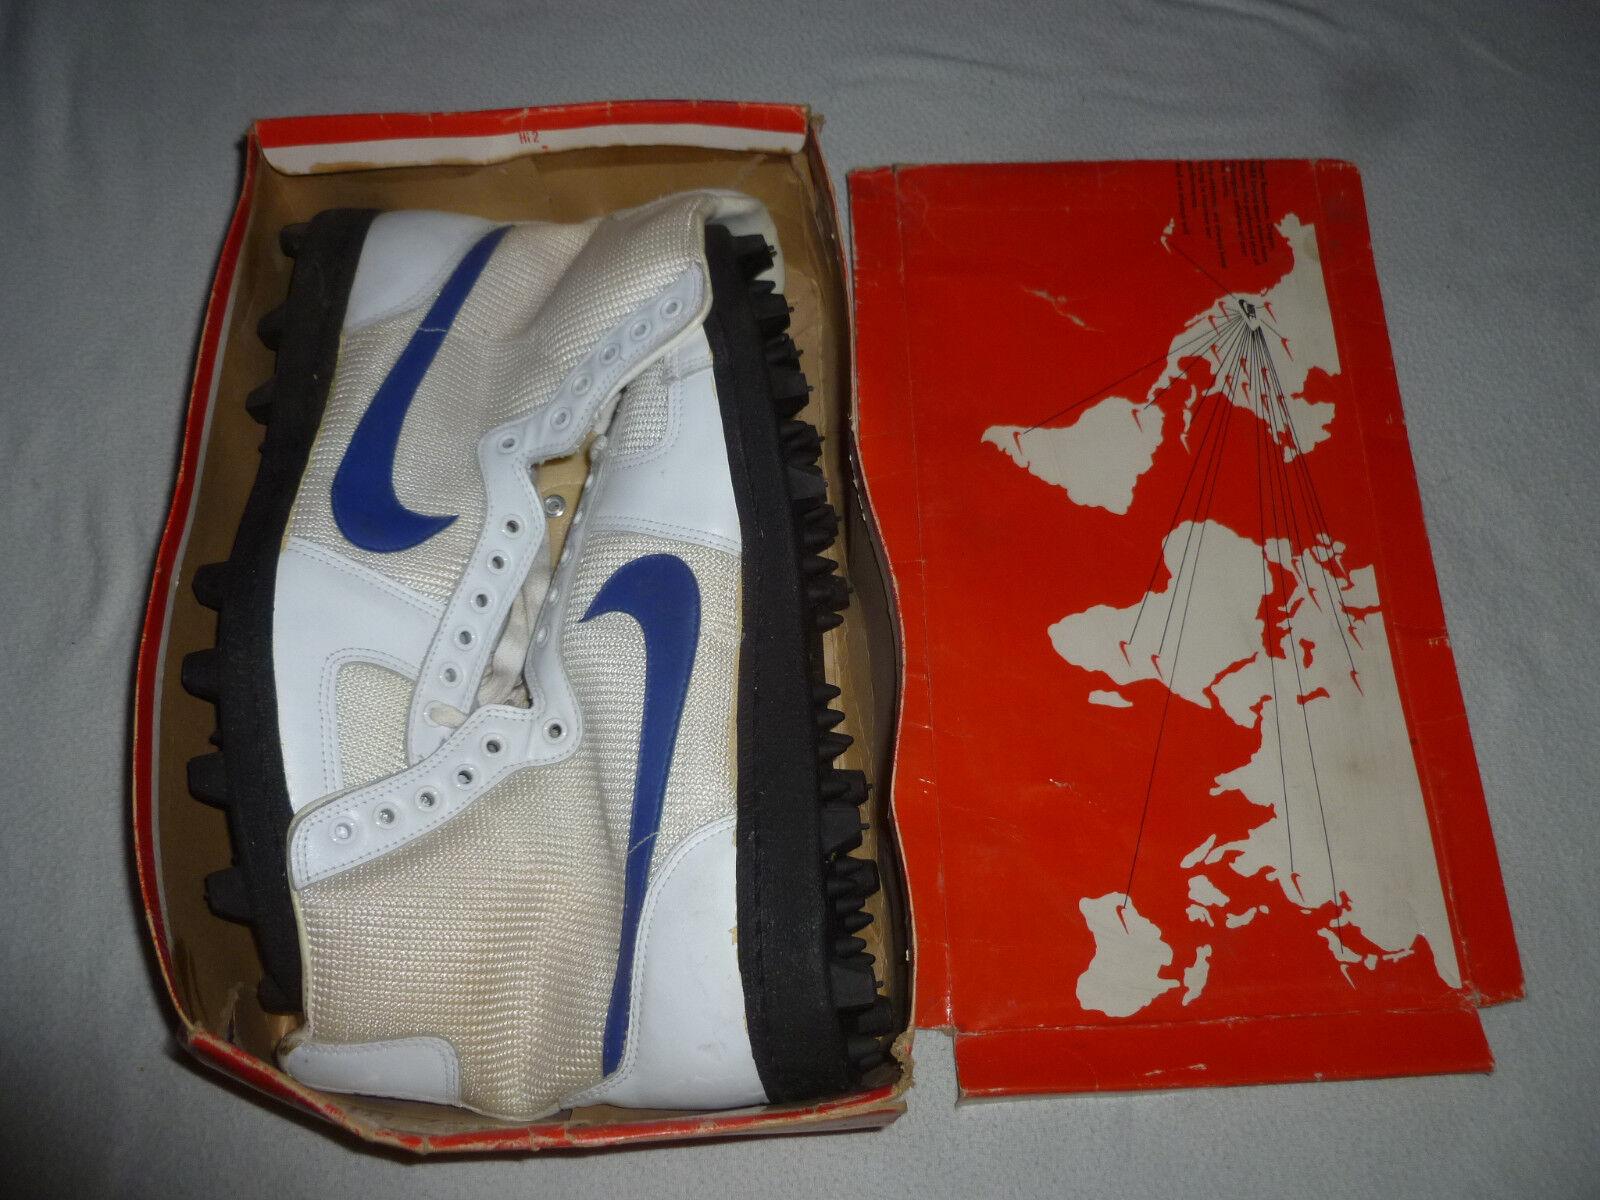 Di nuovo in scatola vintage degli anni '80 - squalo mako cuoio Uomo hi-top scarpe sz 13 1 / 2.